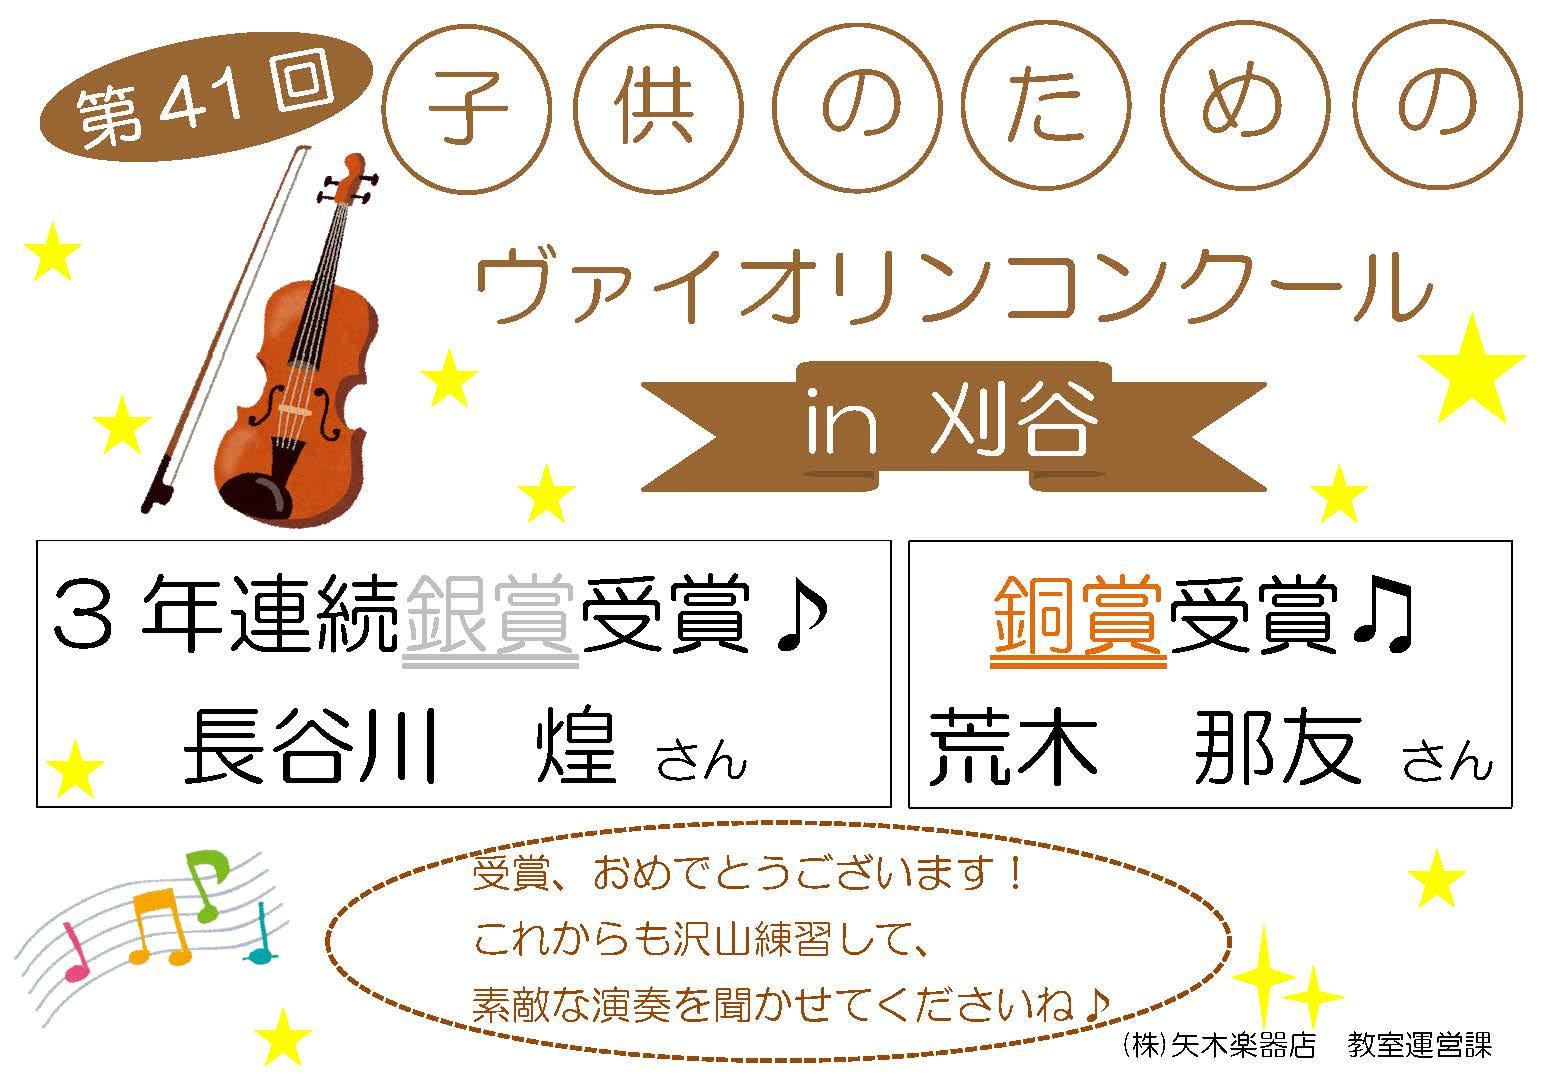 ヴァイオリンコンクールポスター(HP掲載用)